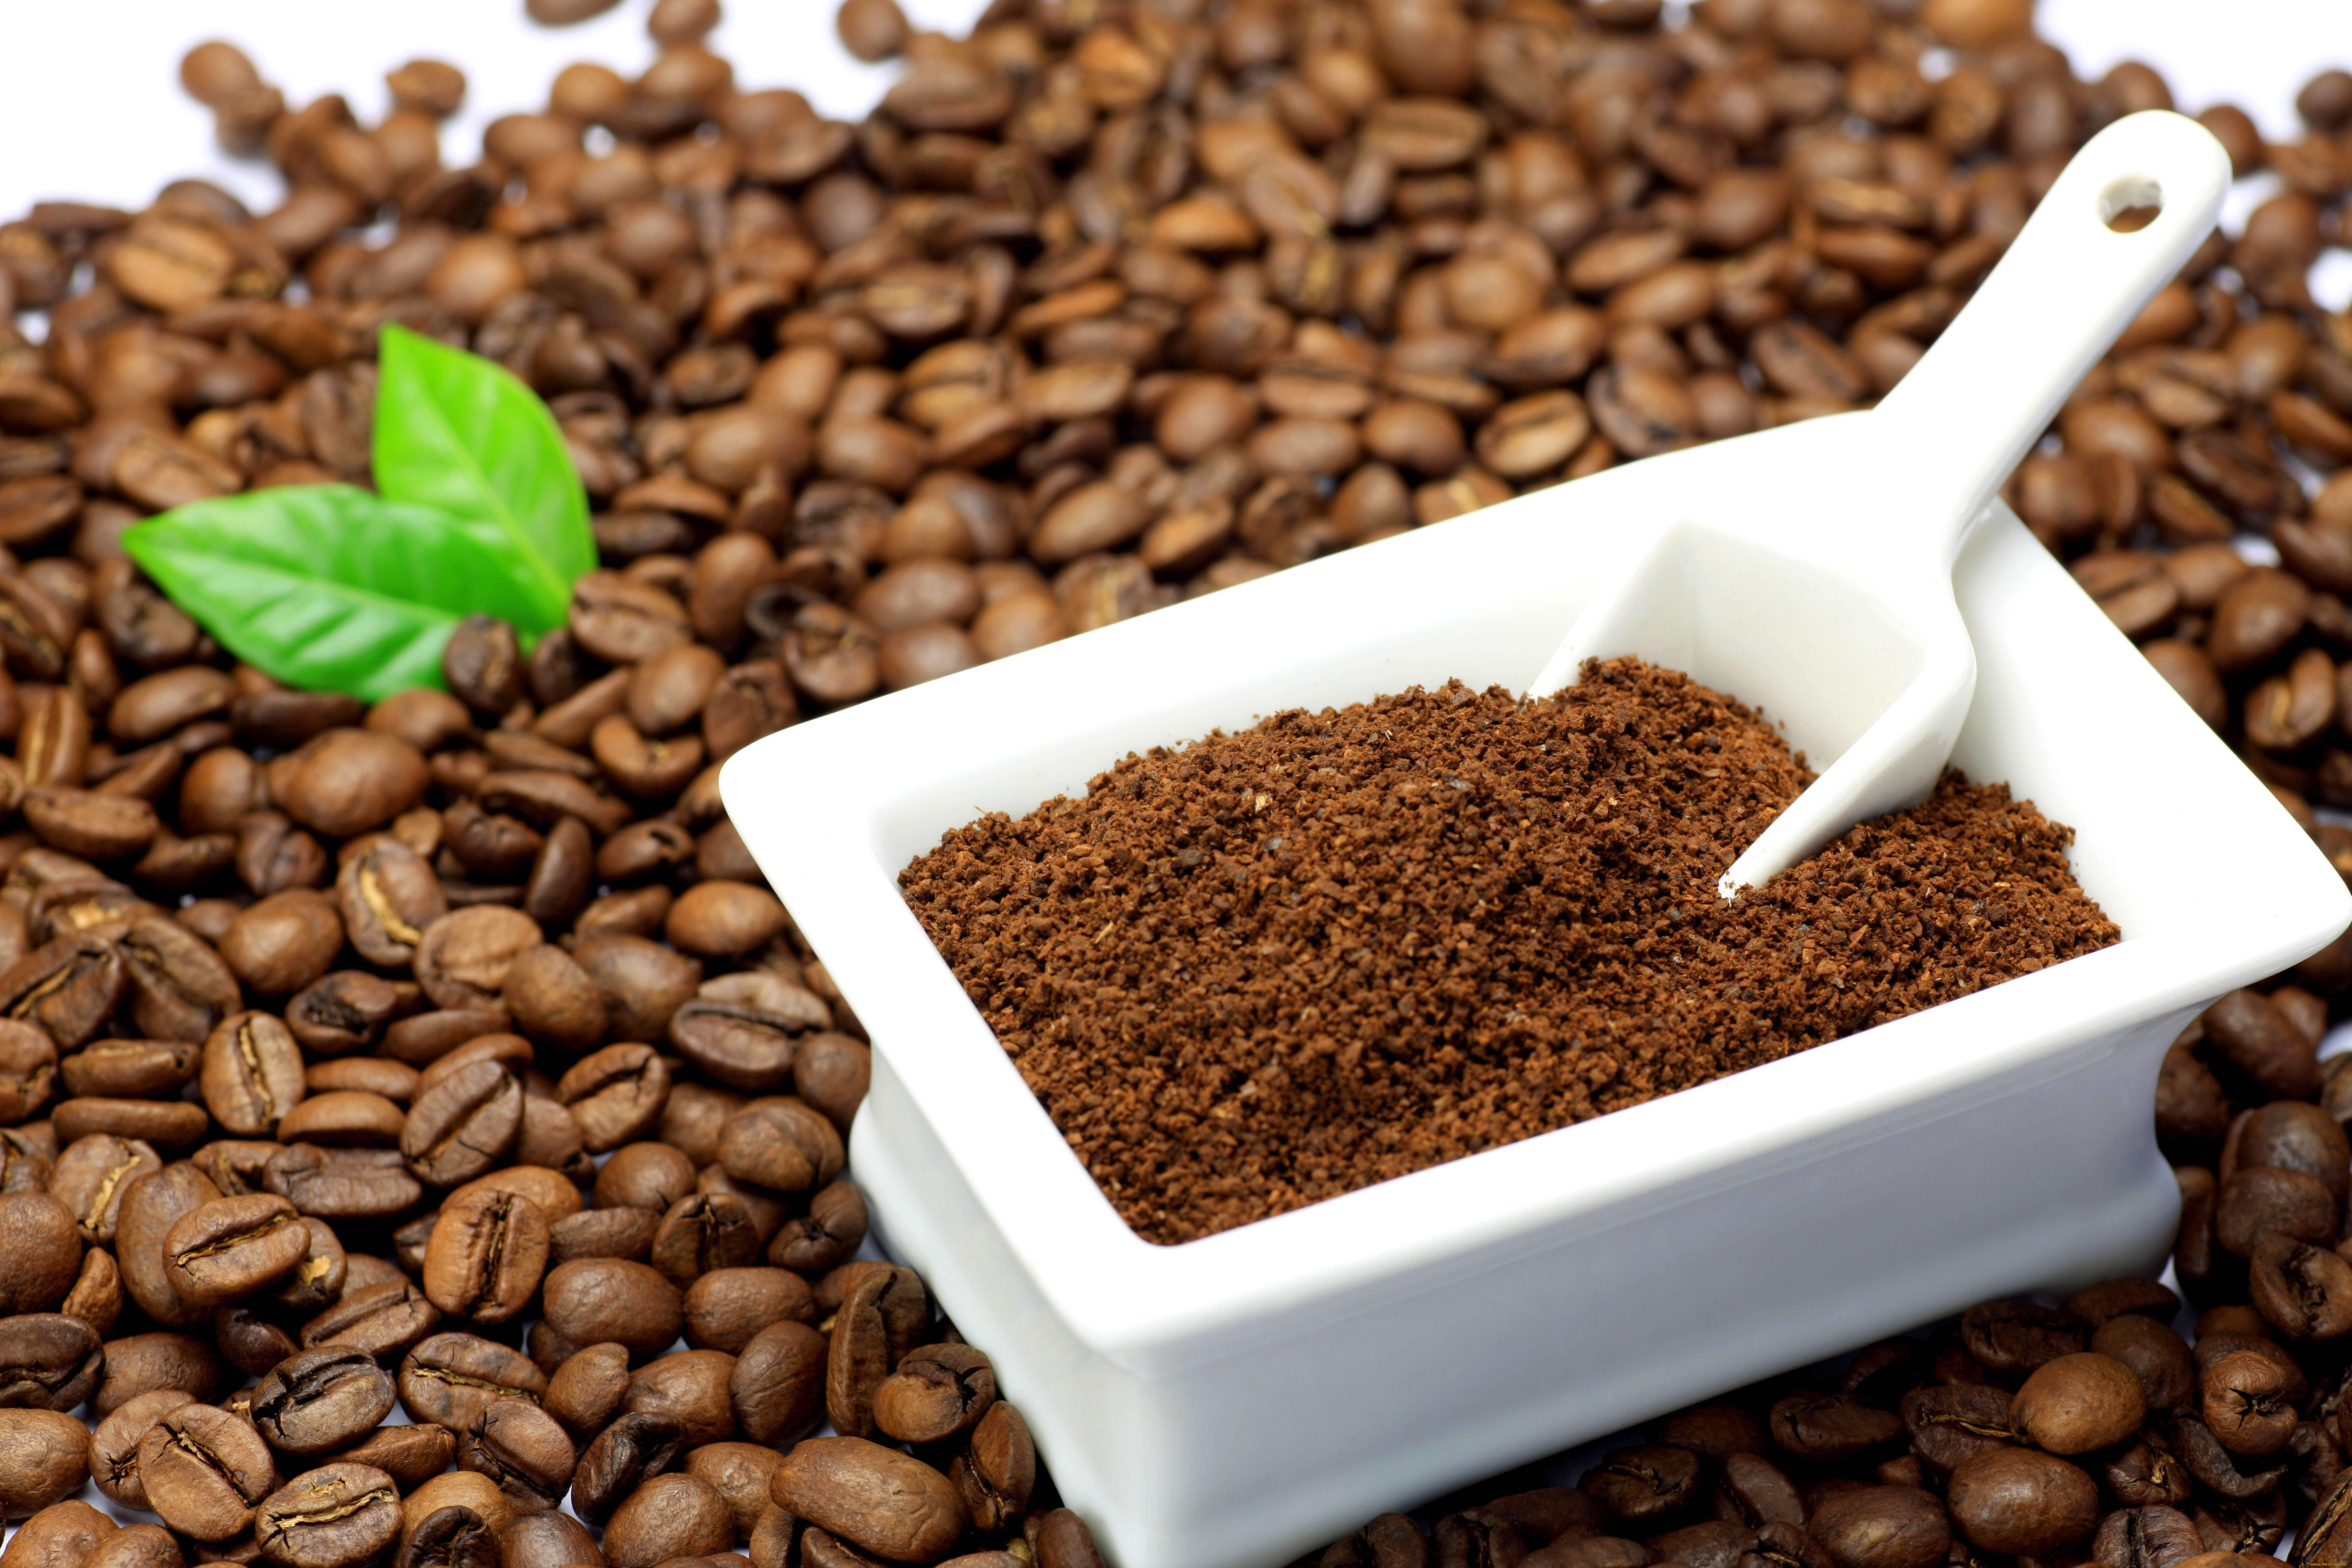 Срок годности кофе в зернах, растворимого напитка и иных видов: есть ли этот период, зависит ли от упаковки, каковы условия хранения?